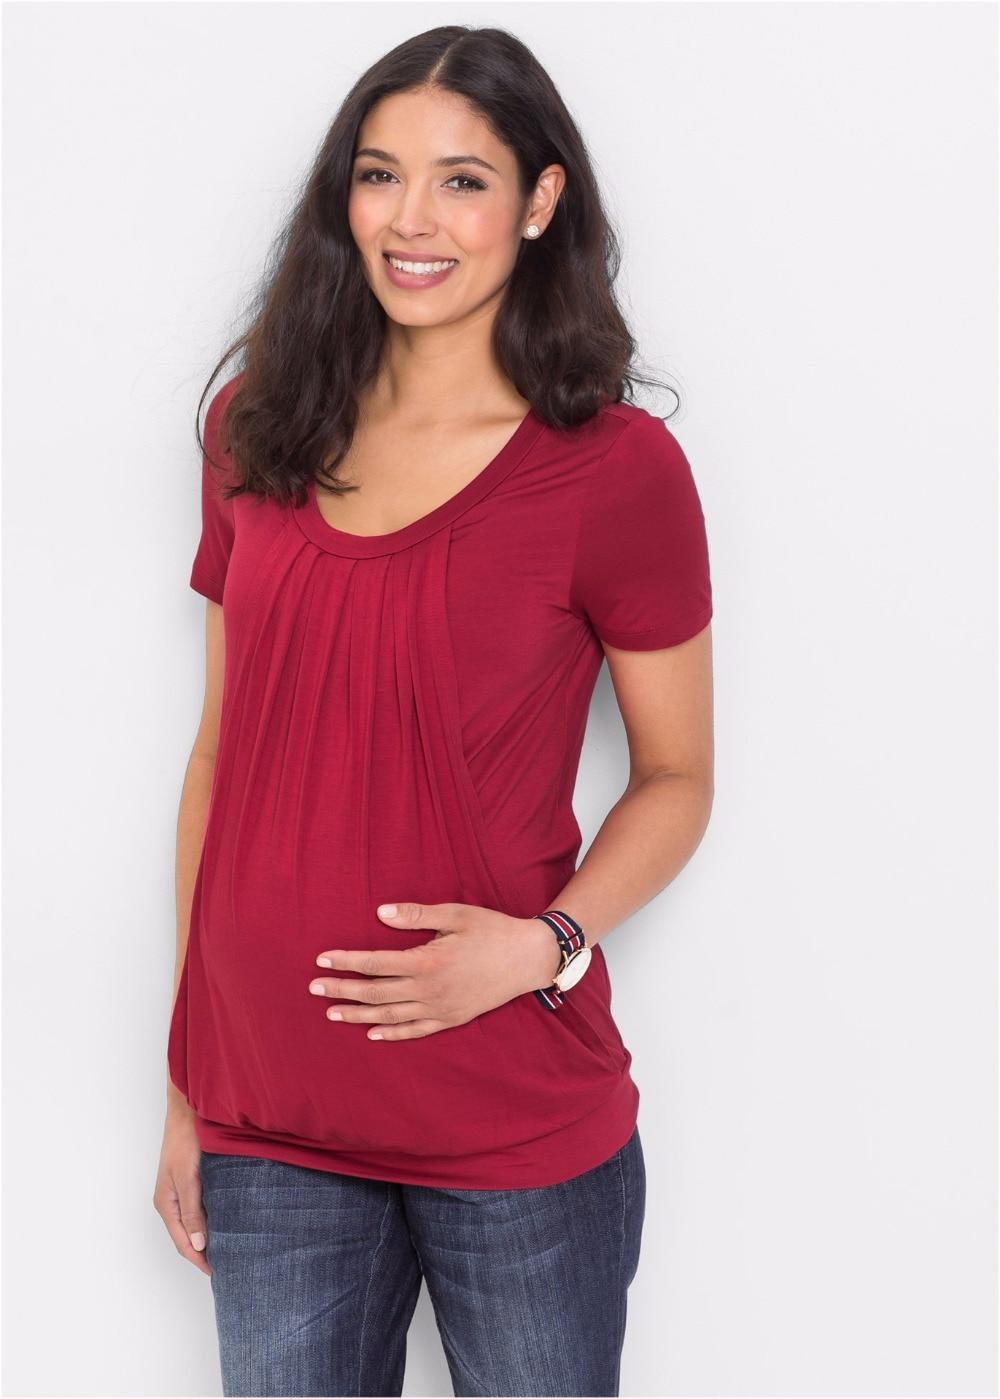 Tops Maternidade T-shirt De Enfermagem amamentação Para